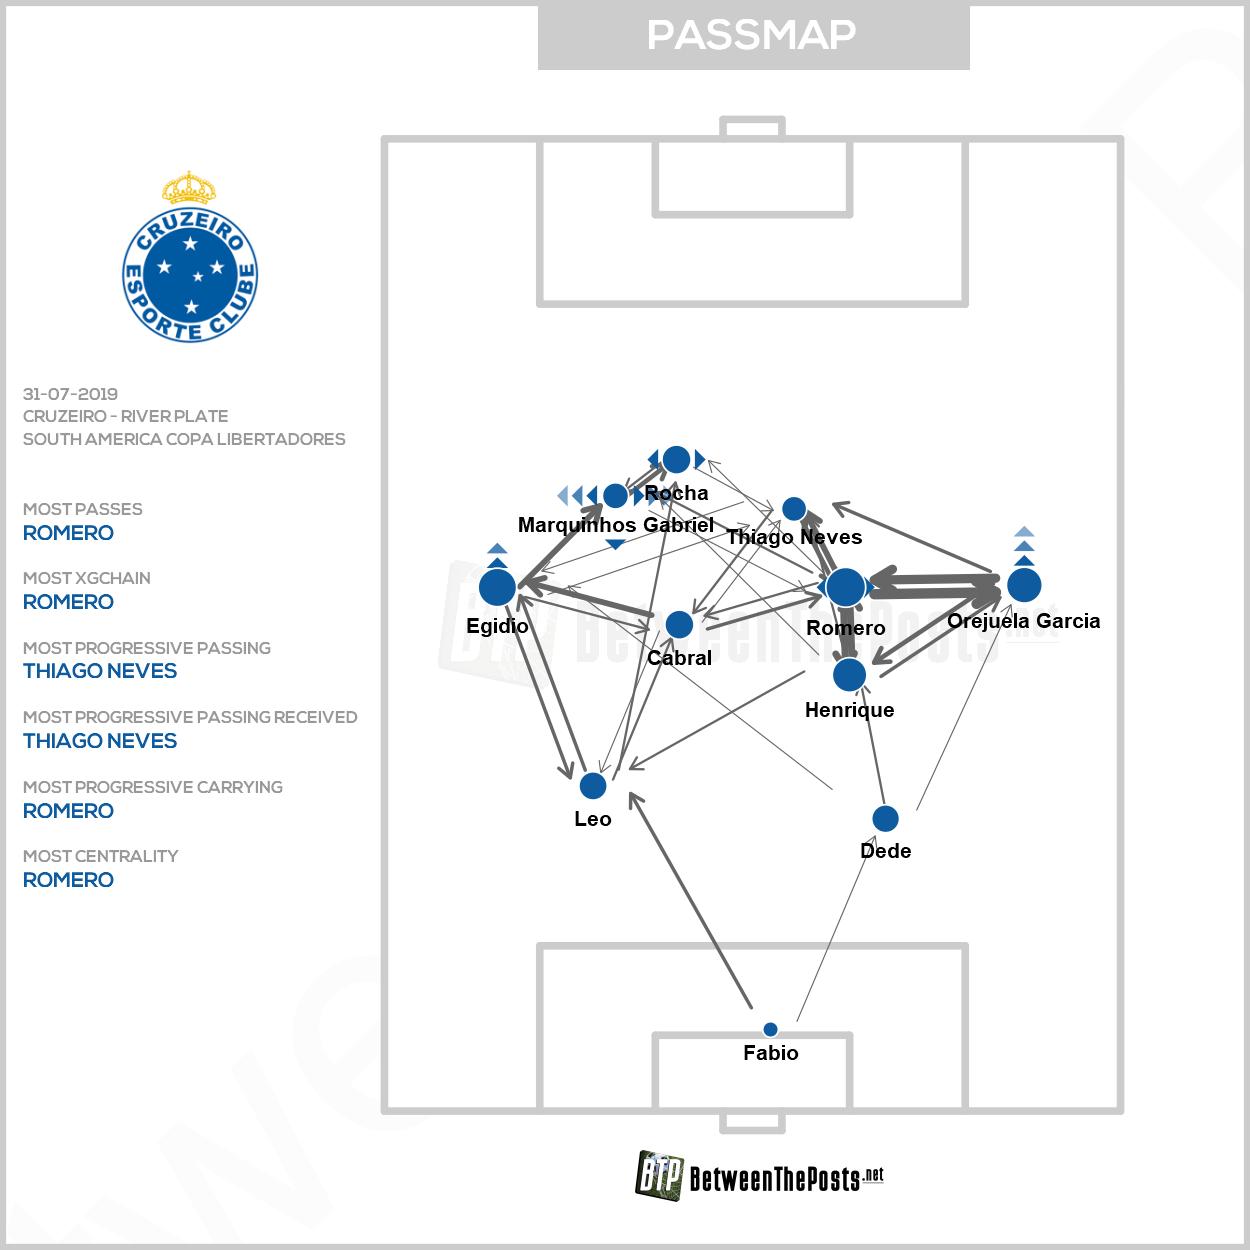 Passmap Cruzeiro - River Plate 0-0 Copa Libertadores